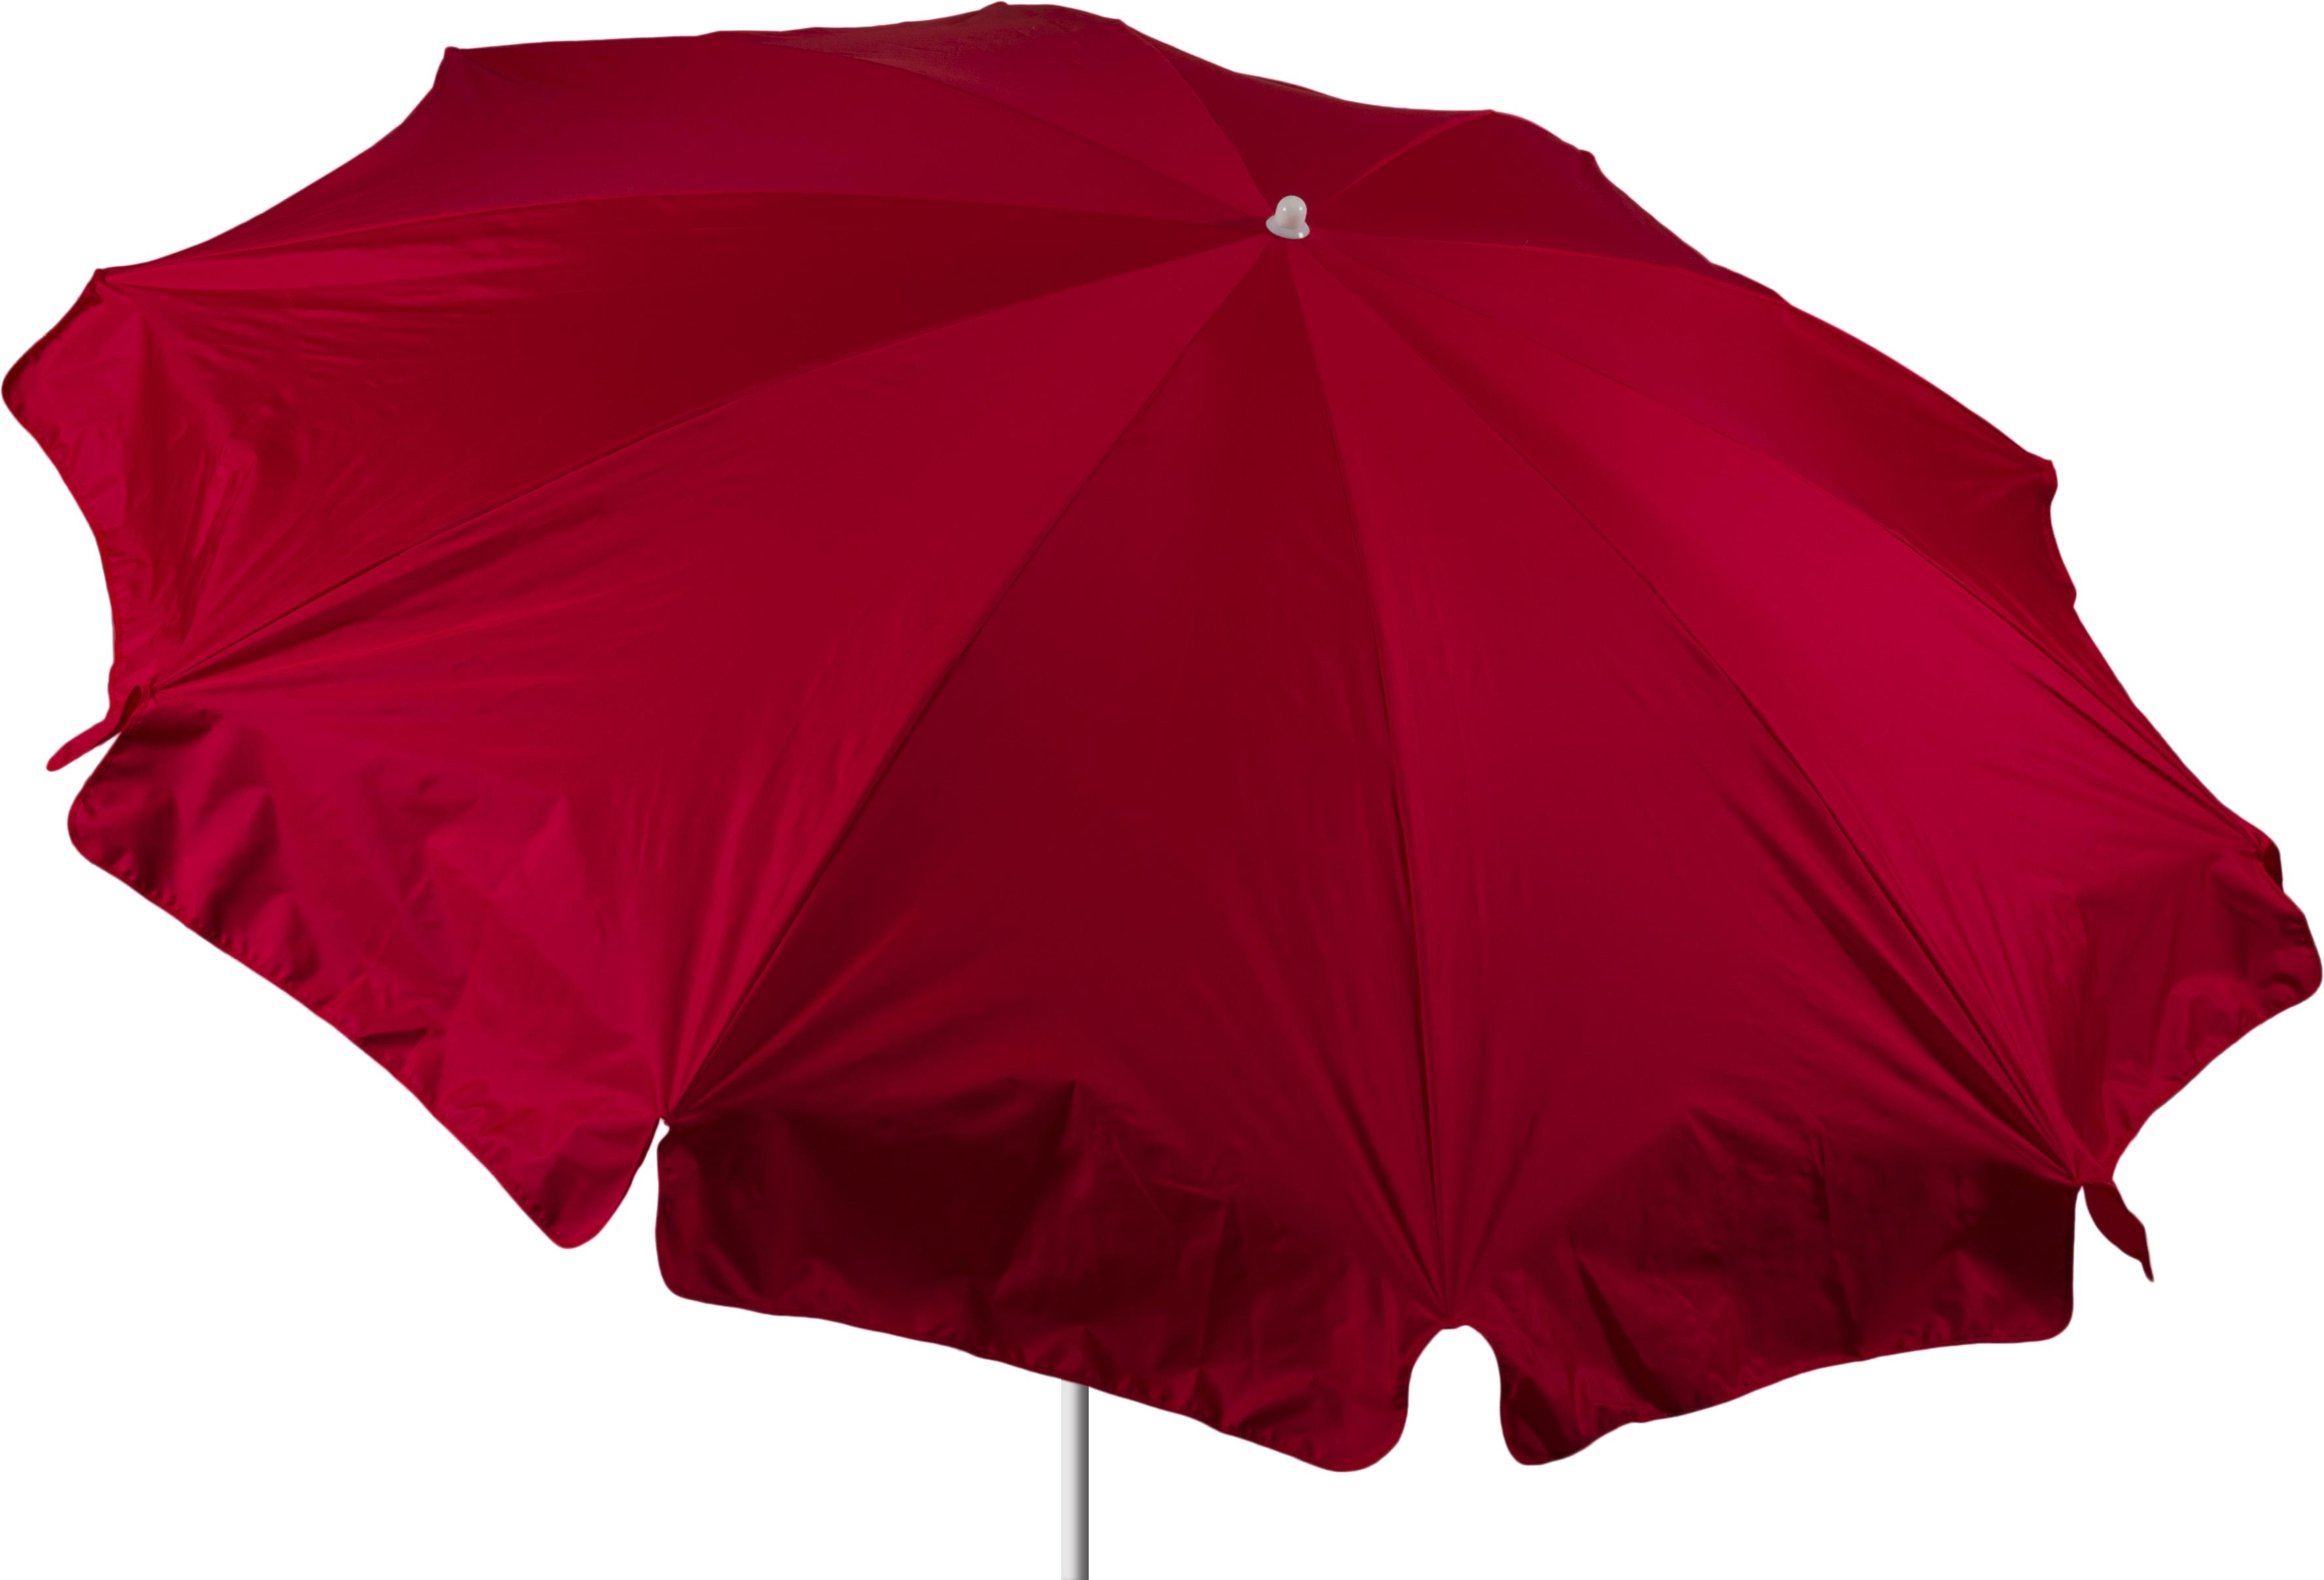 Terrassenschirm in rot mit 240 cm Durchmesser Bespannung 100% Polyester wasserabweisend 2